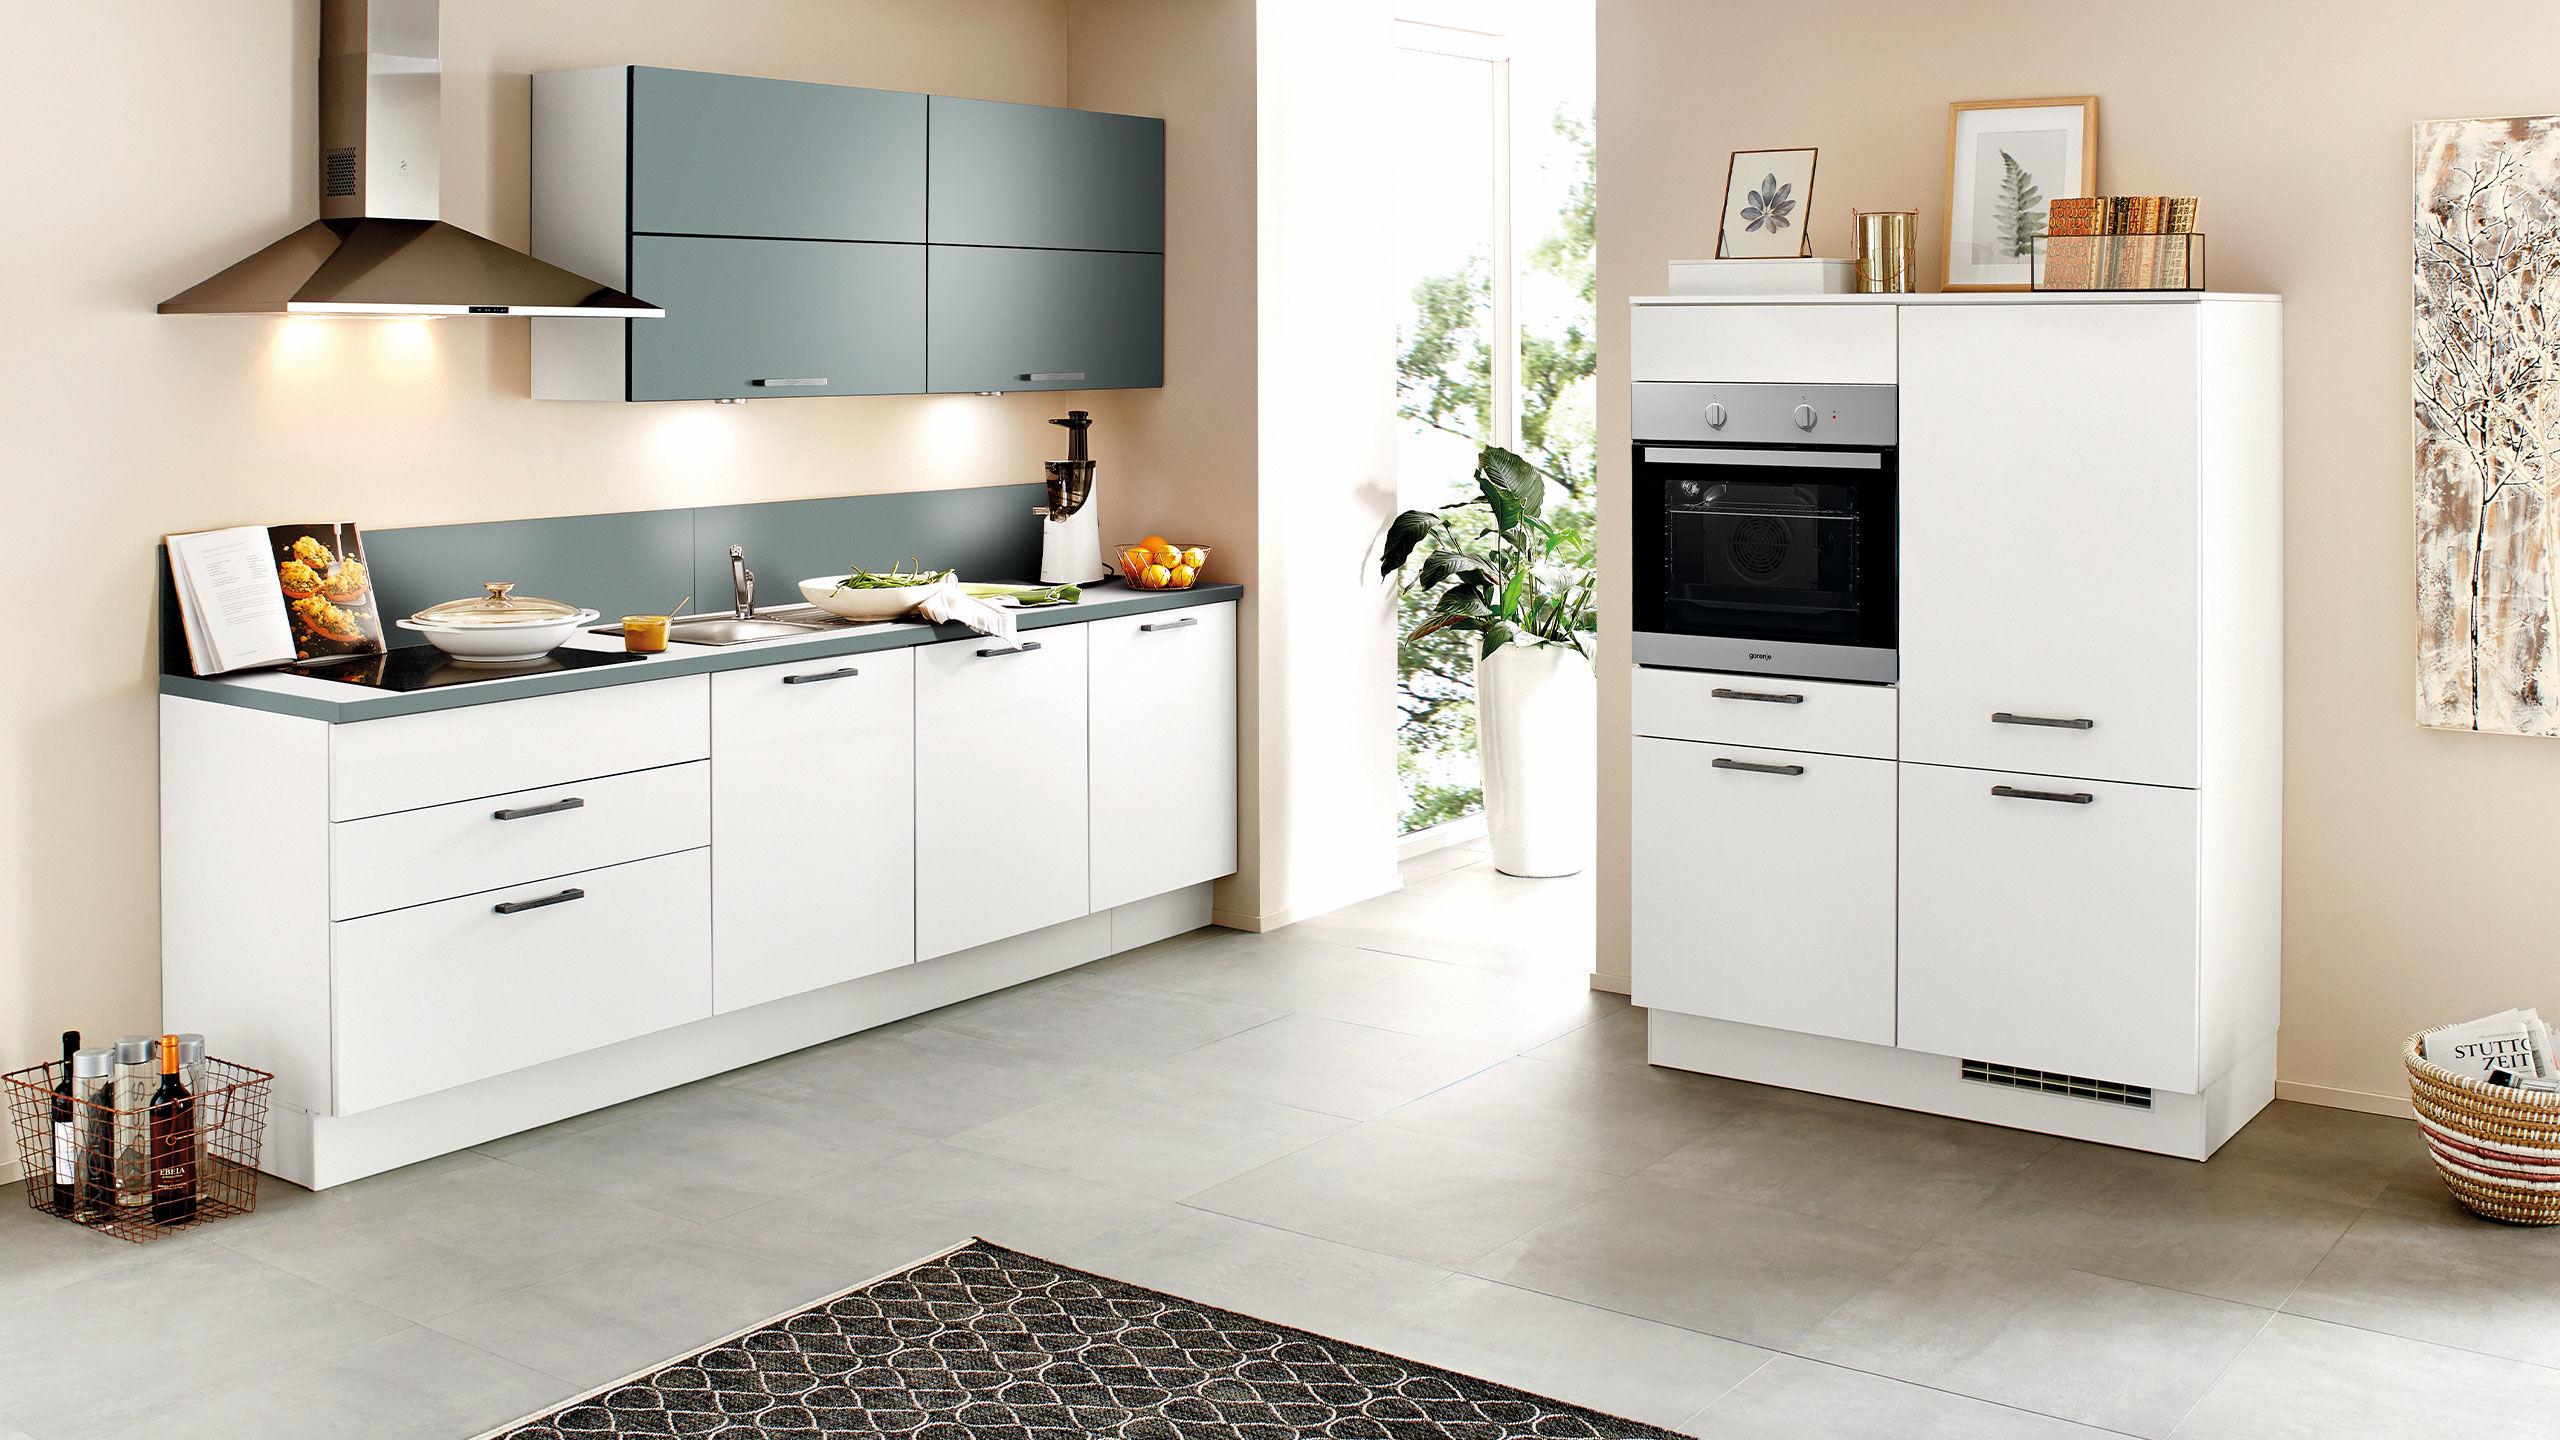 Full Size of Wandabschlussleiste Arbeitsplatte Kche Montieren Nobilia Küche Einbauküche Wohnzimmer Nobilia Wandabschlussleiste